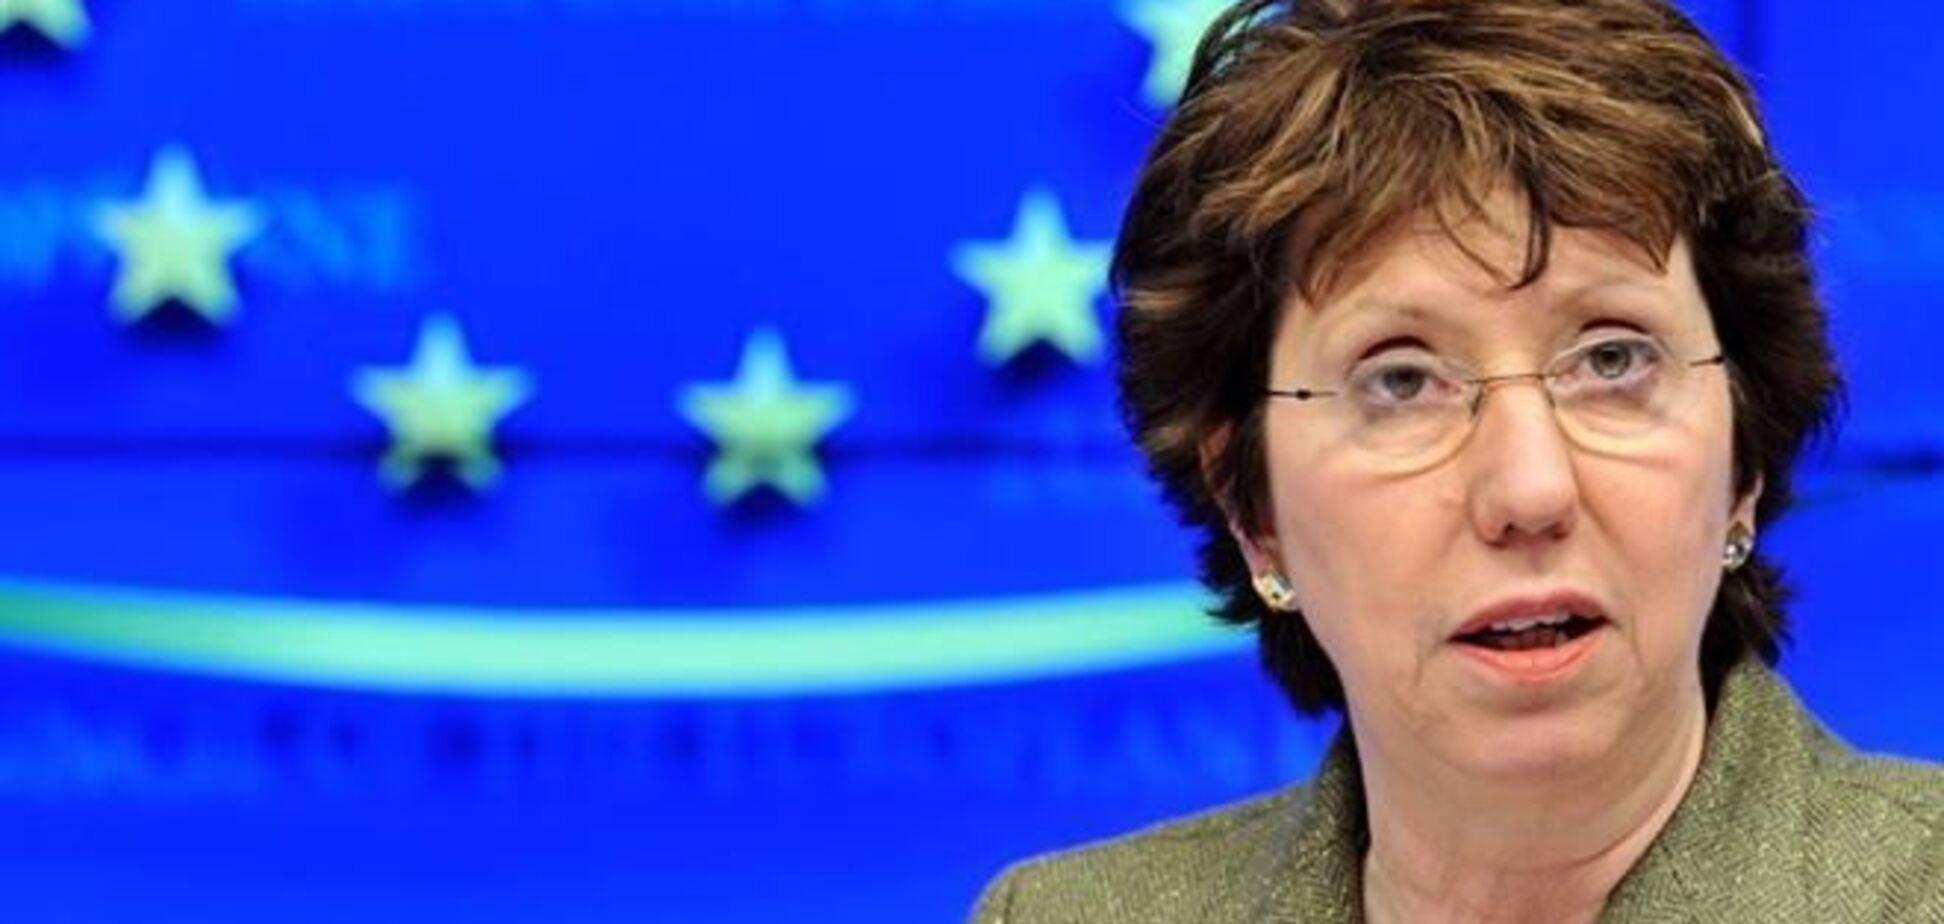 Ештон заявила, що для підтримки України потрібно перейти до 'конкретних практичних дій'